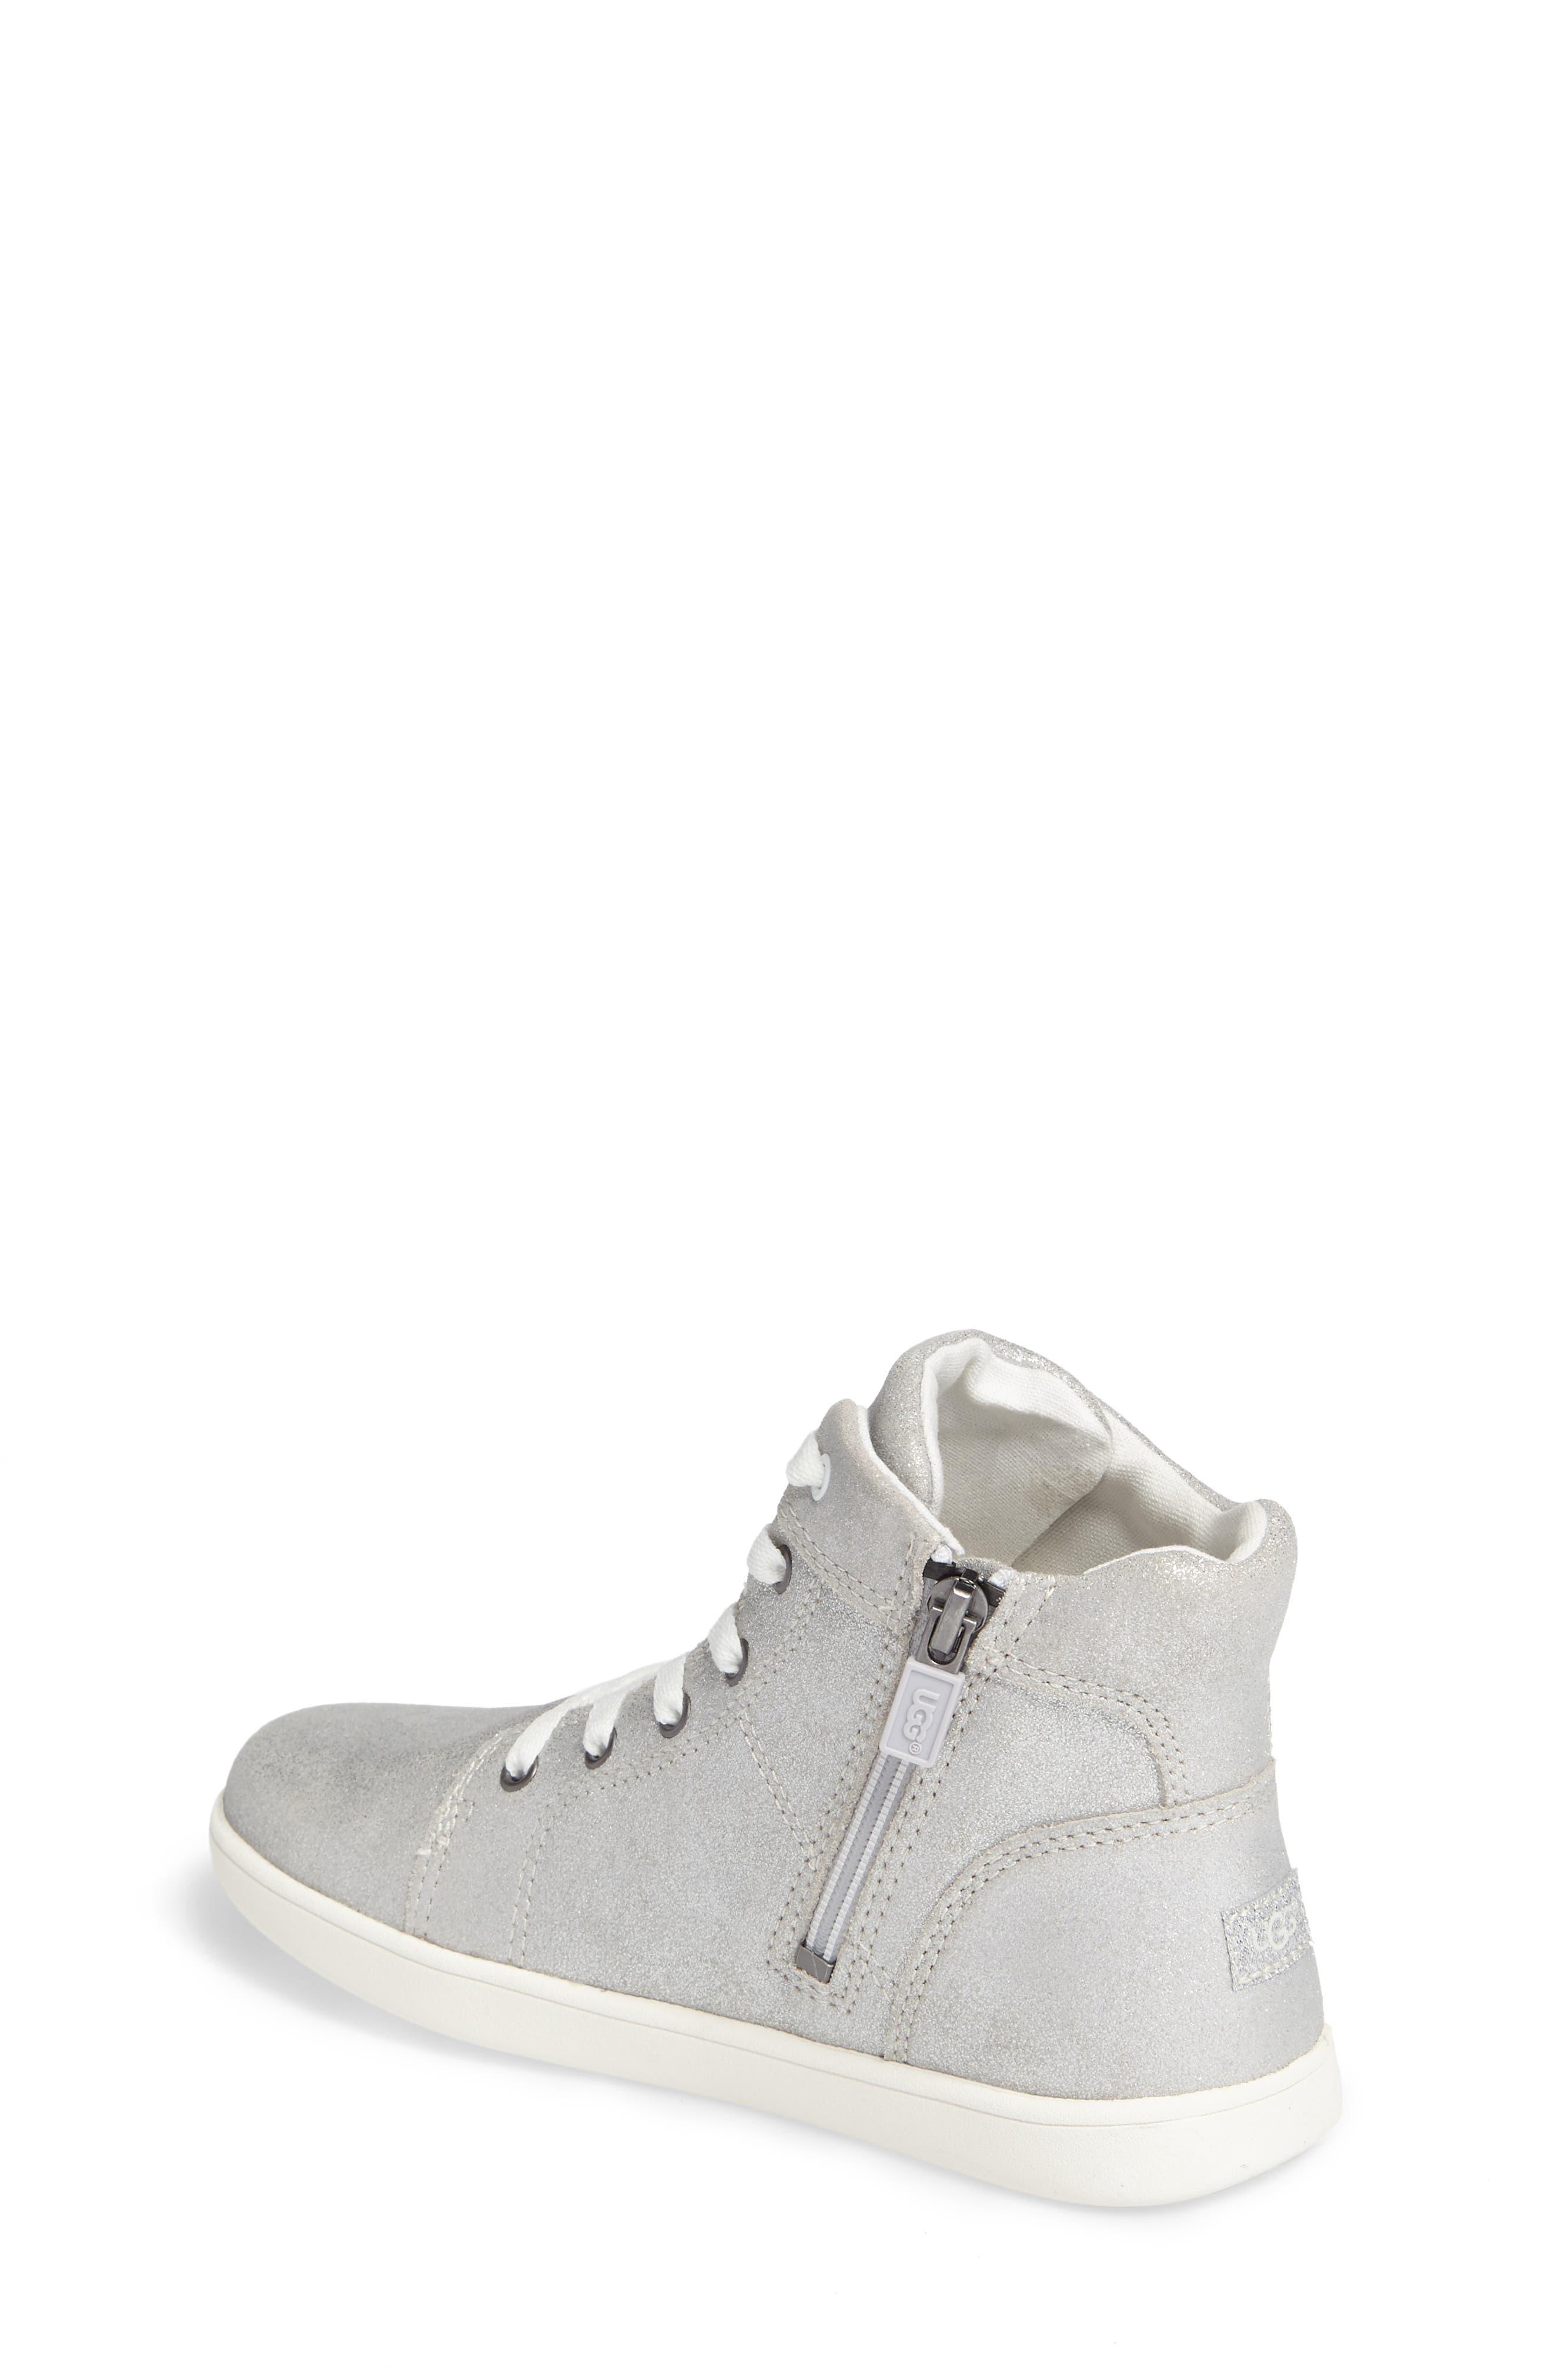 Schyler Metallic High Top Sneaker,                             Alternate thumbnail 2, color,                             040